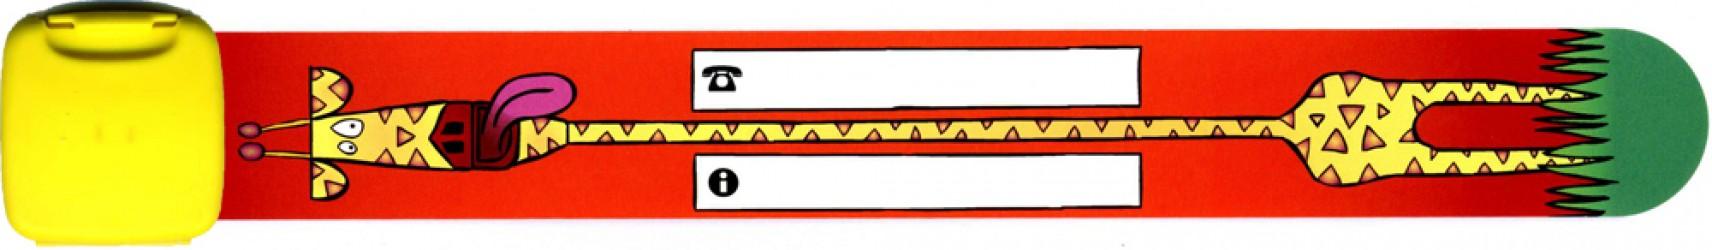 Navnearmbånd fra Infoband - Giraf